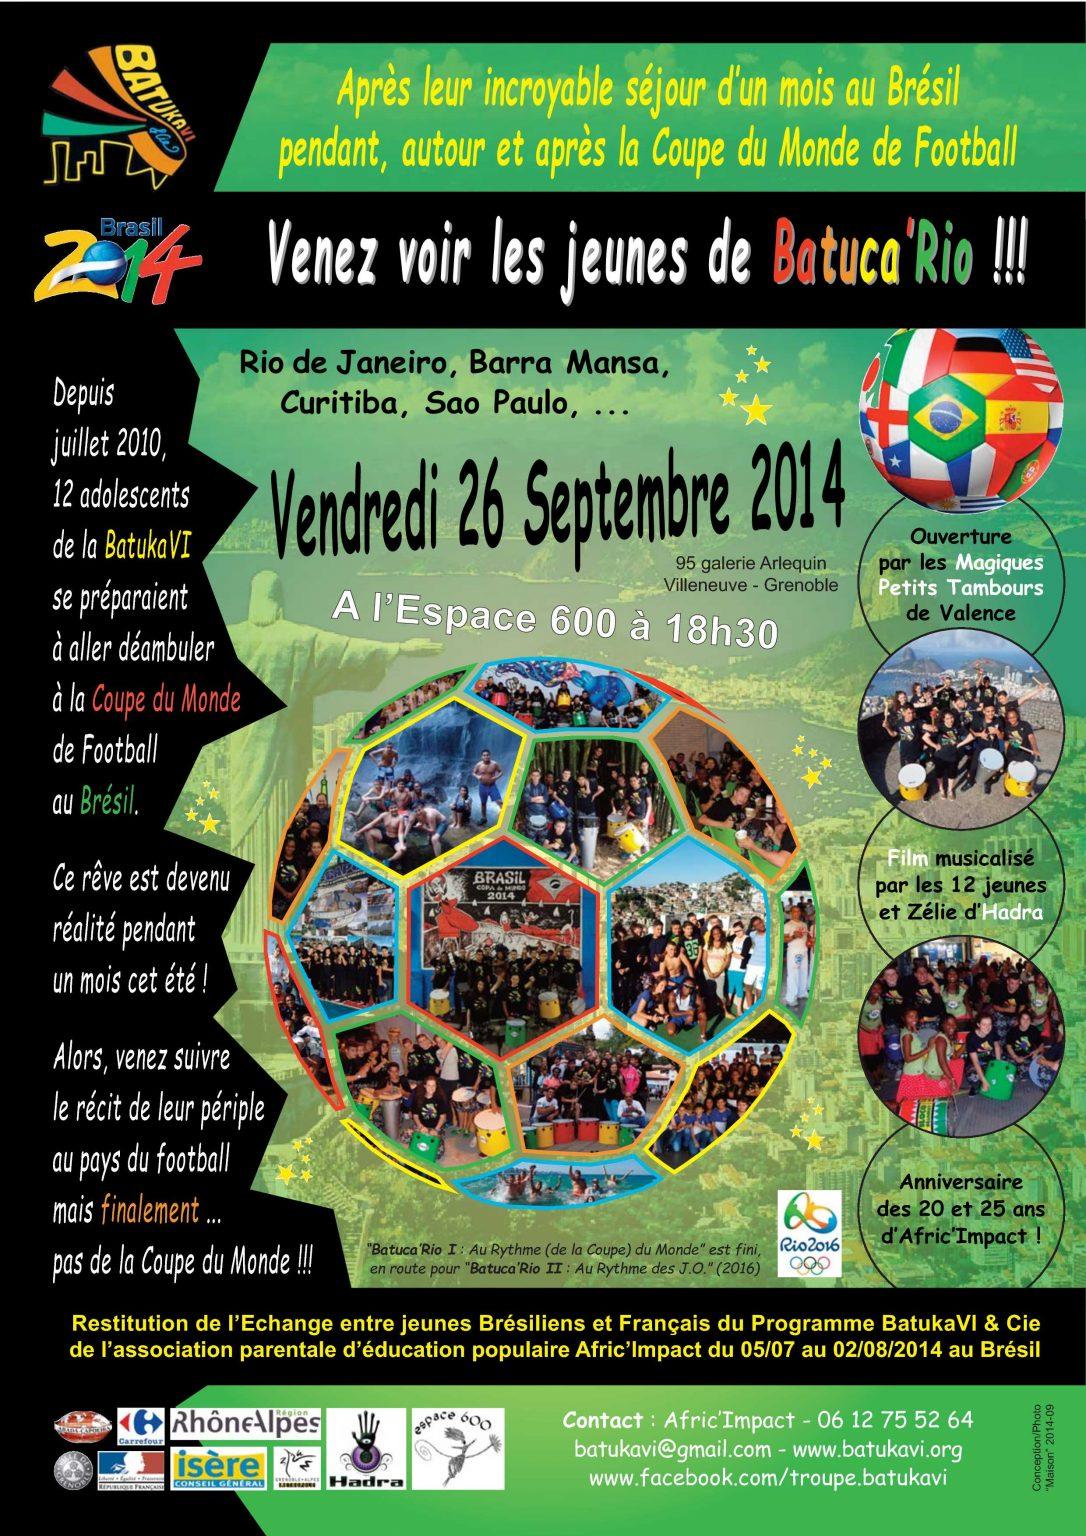 2014-09 Soirée Batuca'Rio I